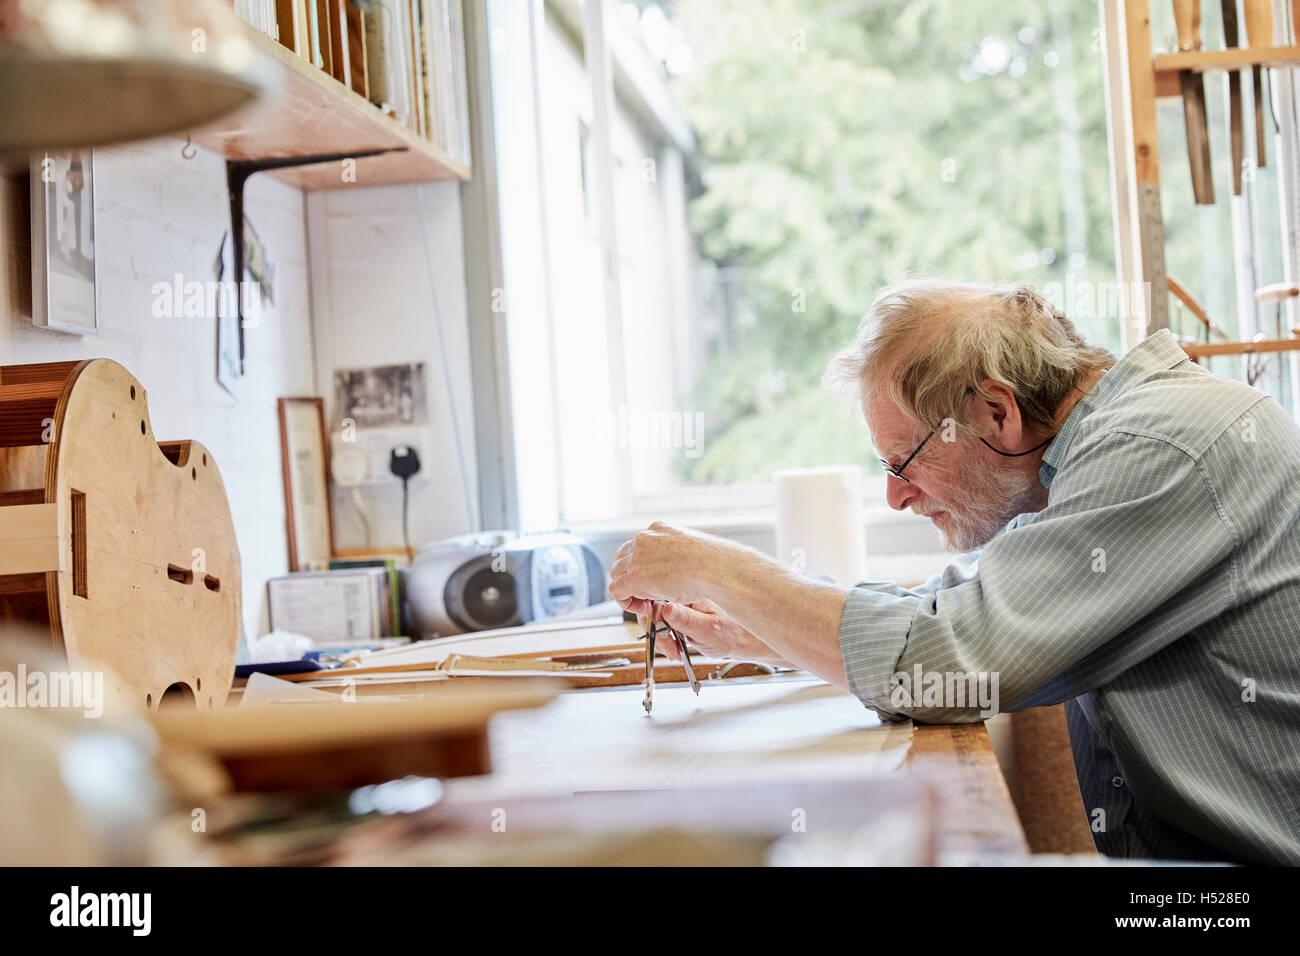 Un liutaio presso il suo tavolo da disegno disegno fuori i piani e la bozza di un nuovo strumento. Immagini Stock